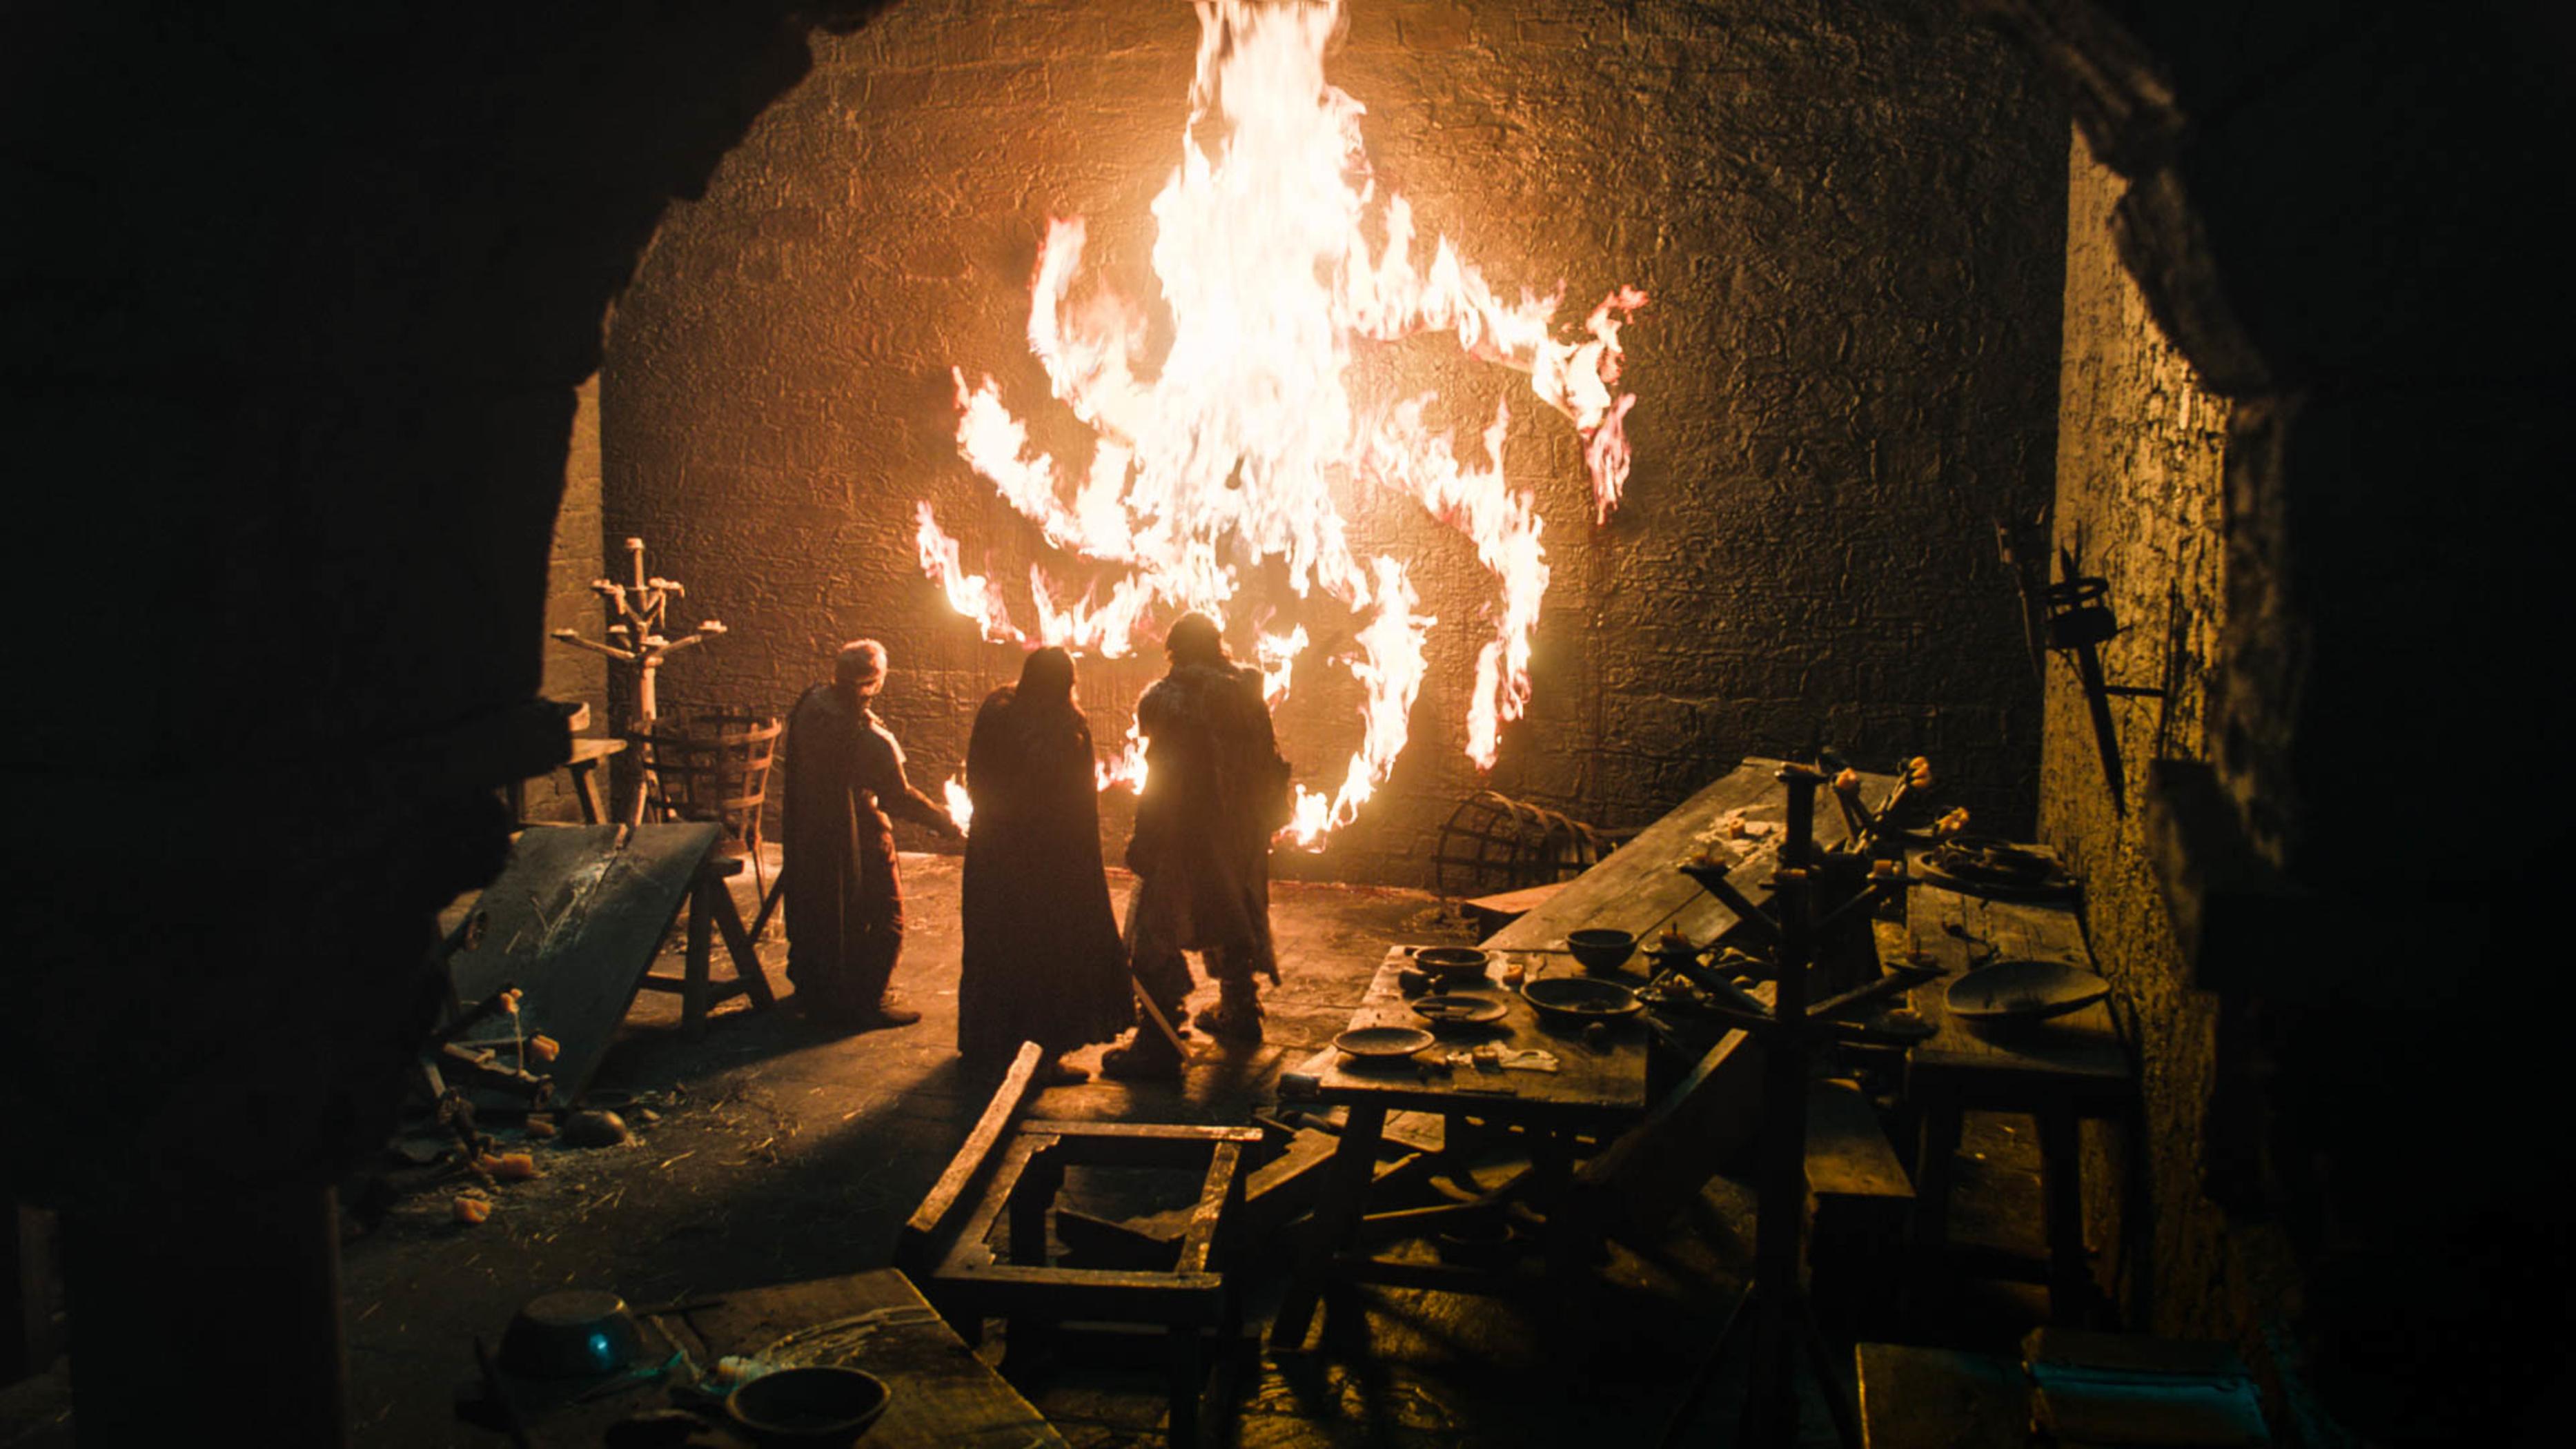 Cena da oitava temporada de 'Game of Thrones' faz referência ao primeiro episódio da série